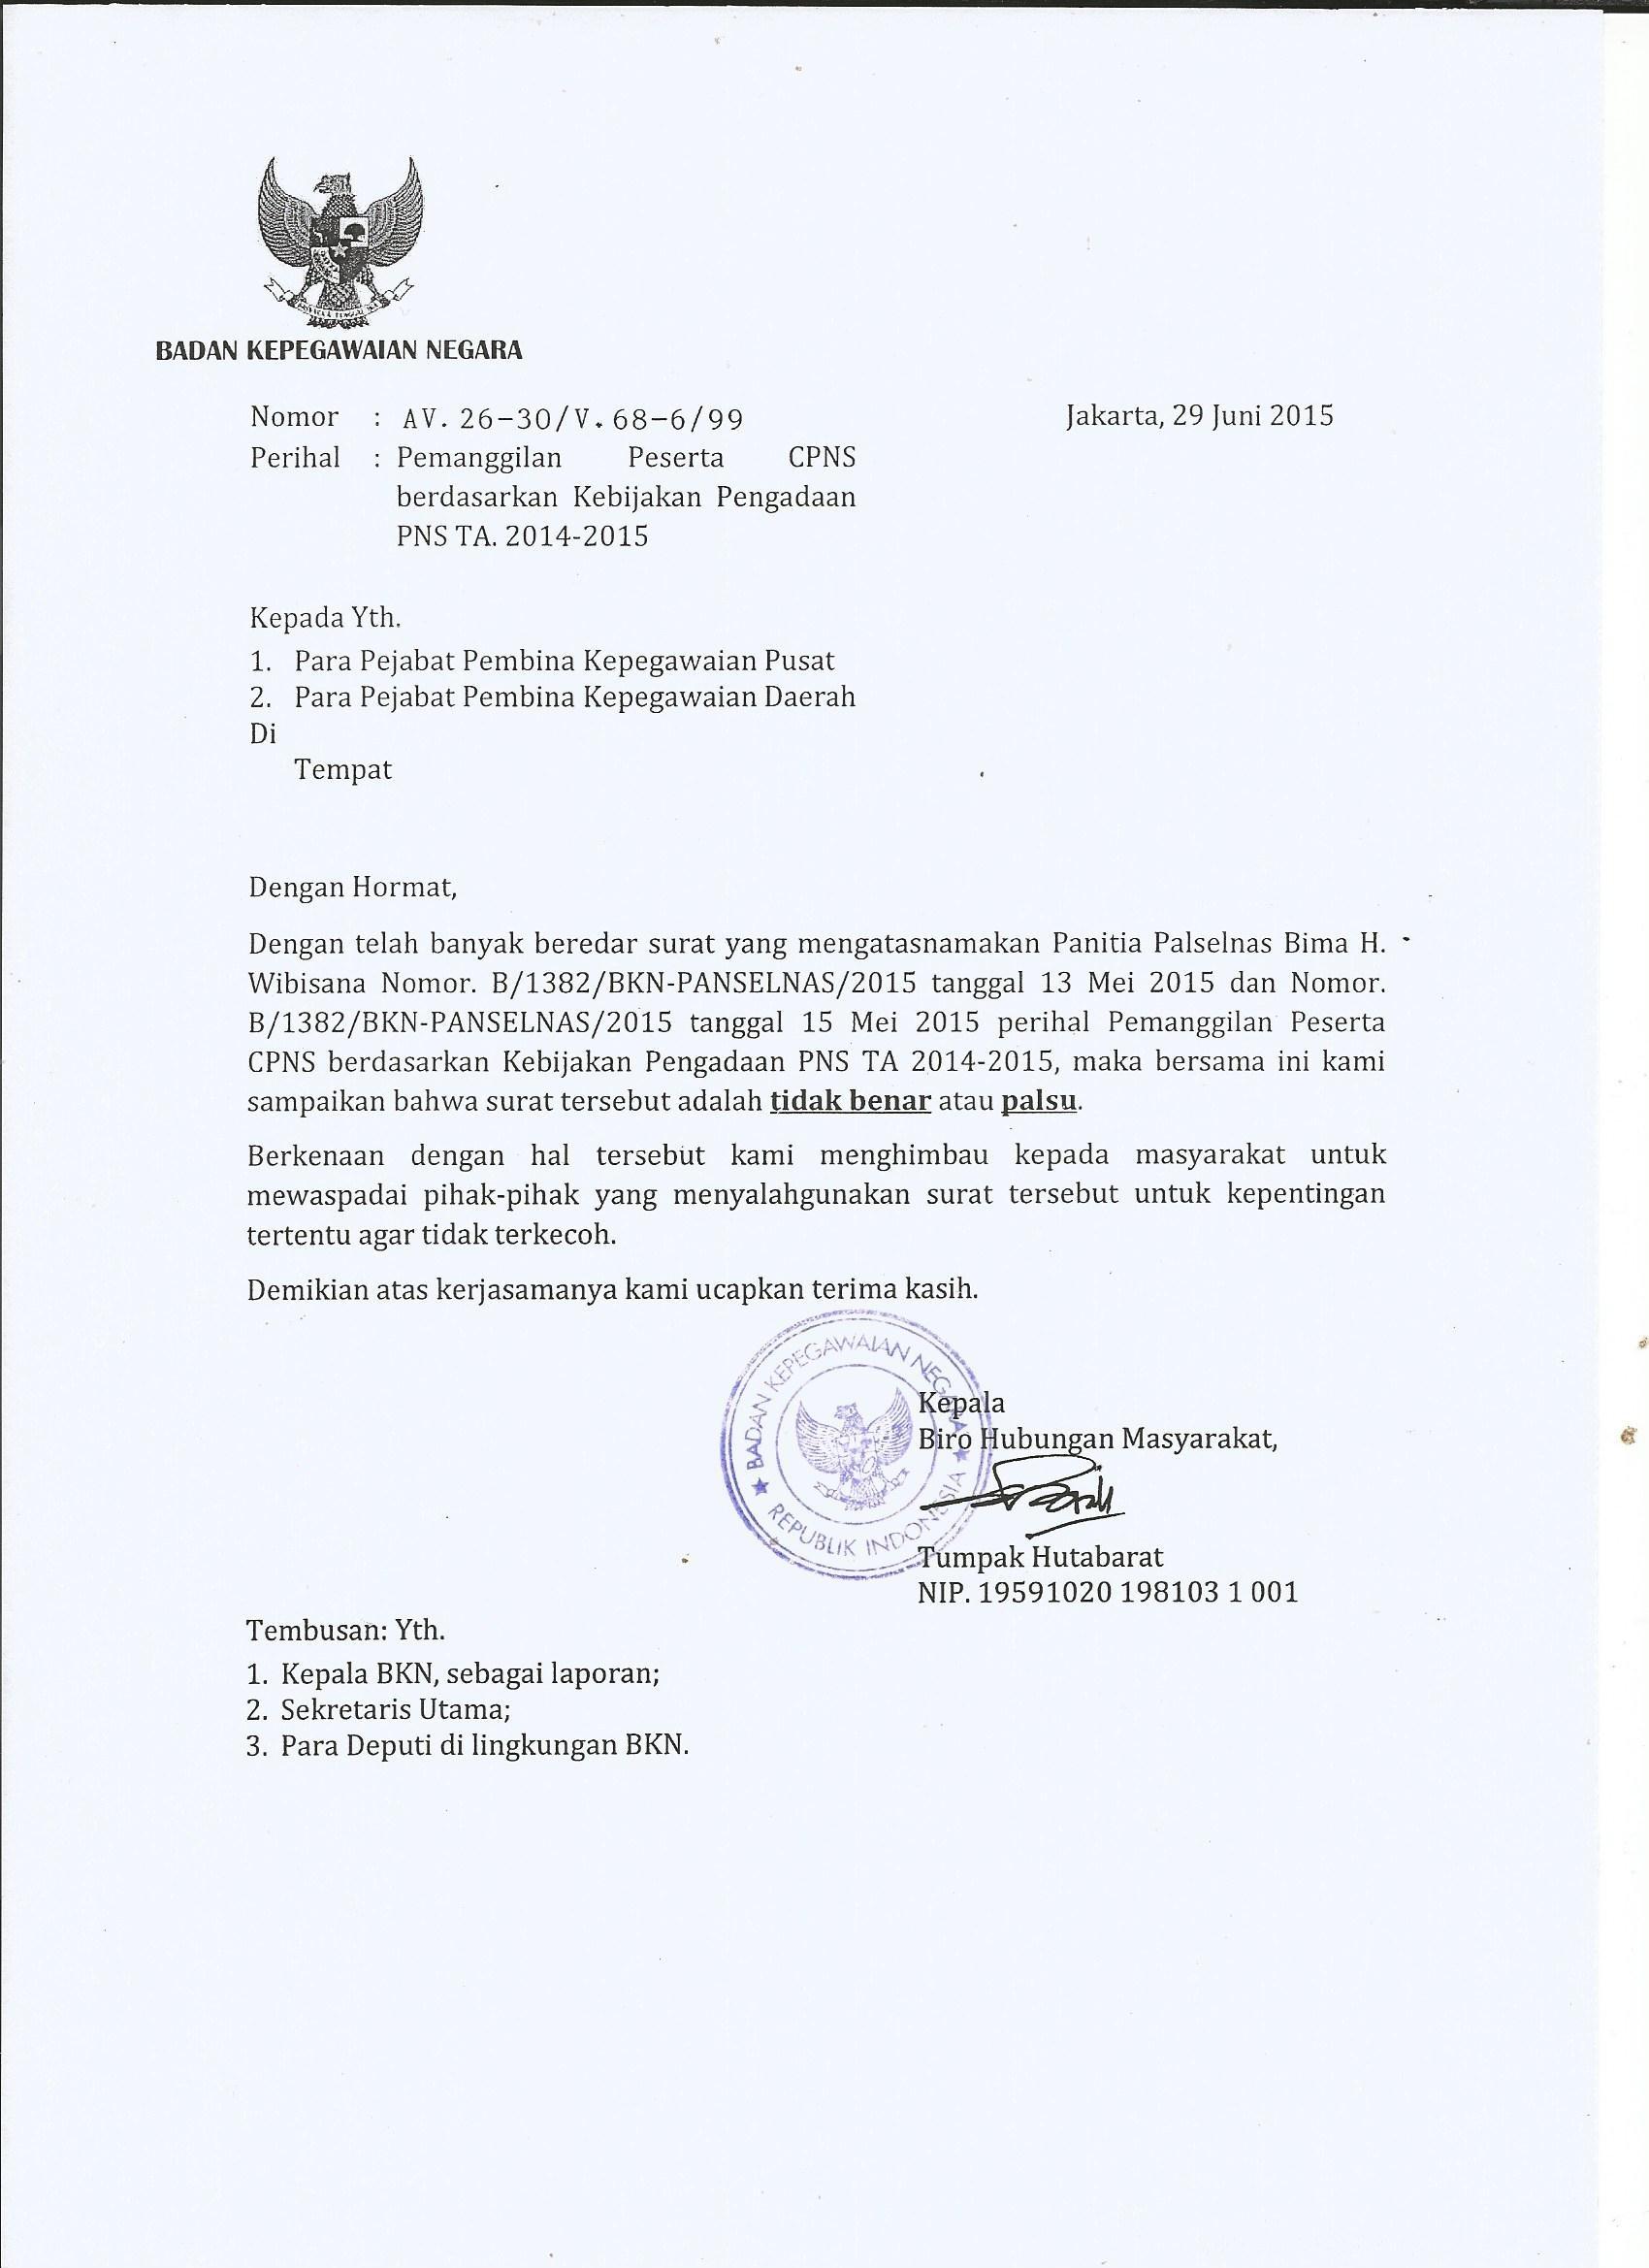 Contoh Surat Palsu Pengadaan Pns Ta 2014 2015 Badan